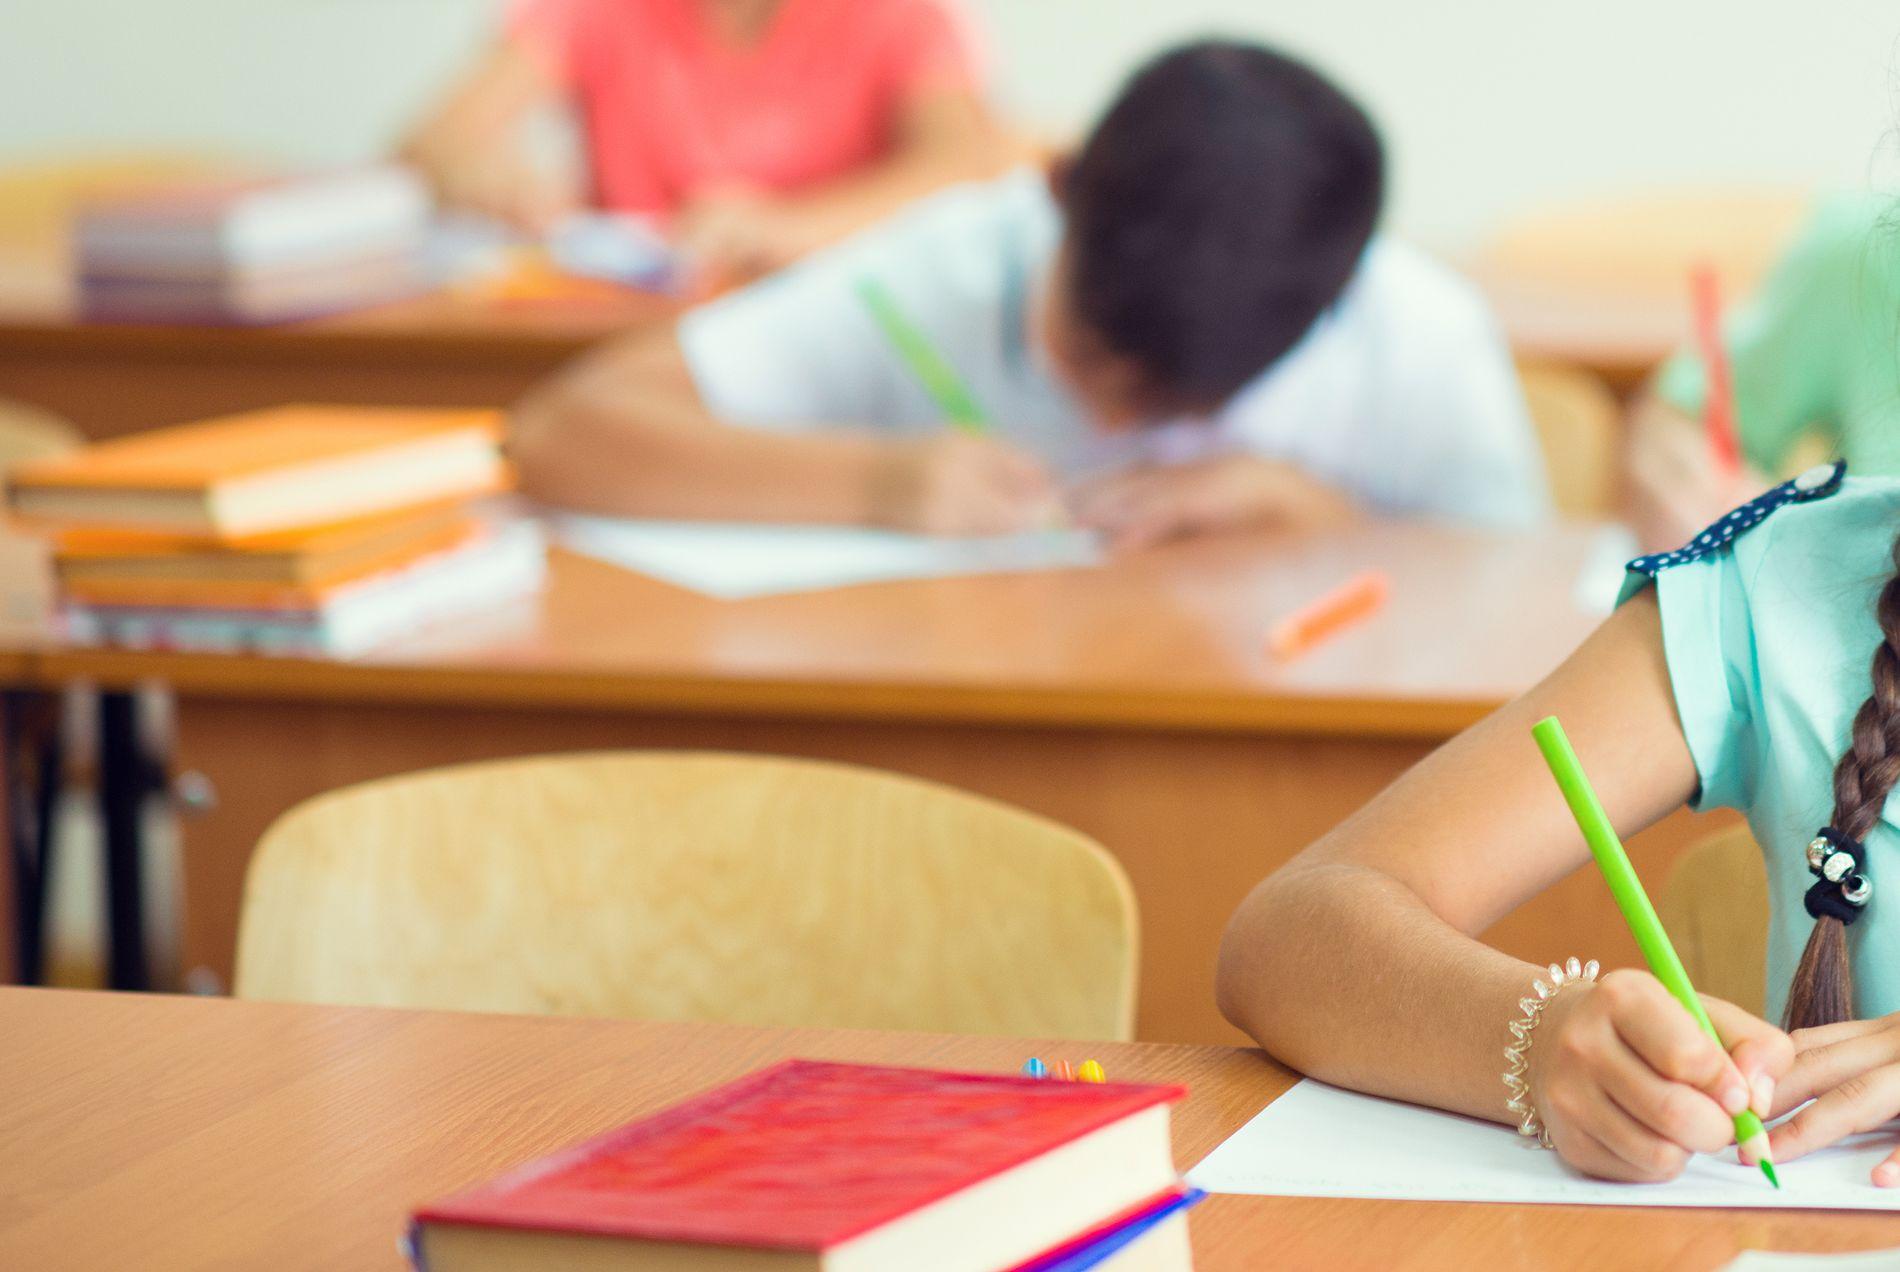 LANGSIKTIG STRATEGI: For å redusere fravær og forebygge frafall, må skolene og kommunene utvikle langsiktige, forebyggende og systematiske strategier, der et trygt og inkluderende læringsmiljø prioriteres, skriver Trude Havik.